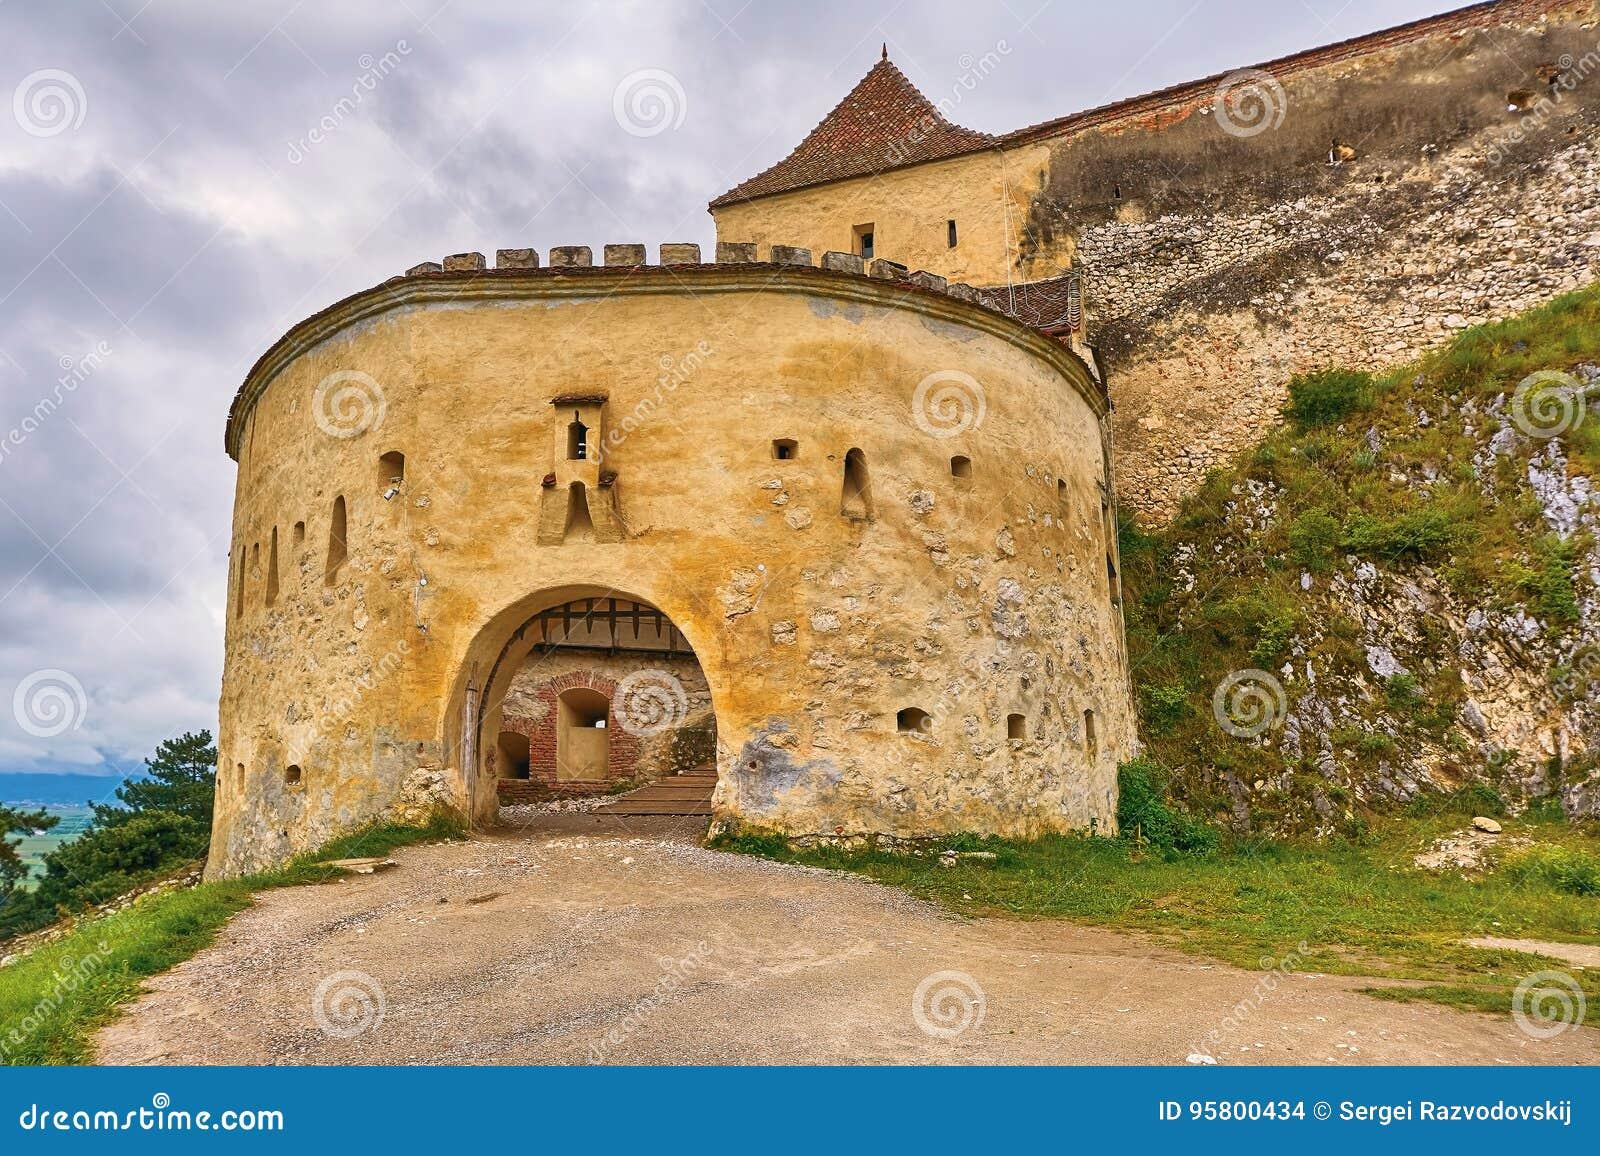 Rasnov Citadel in Romania